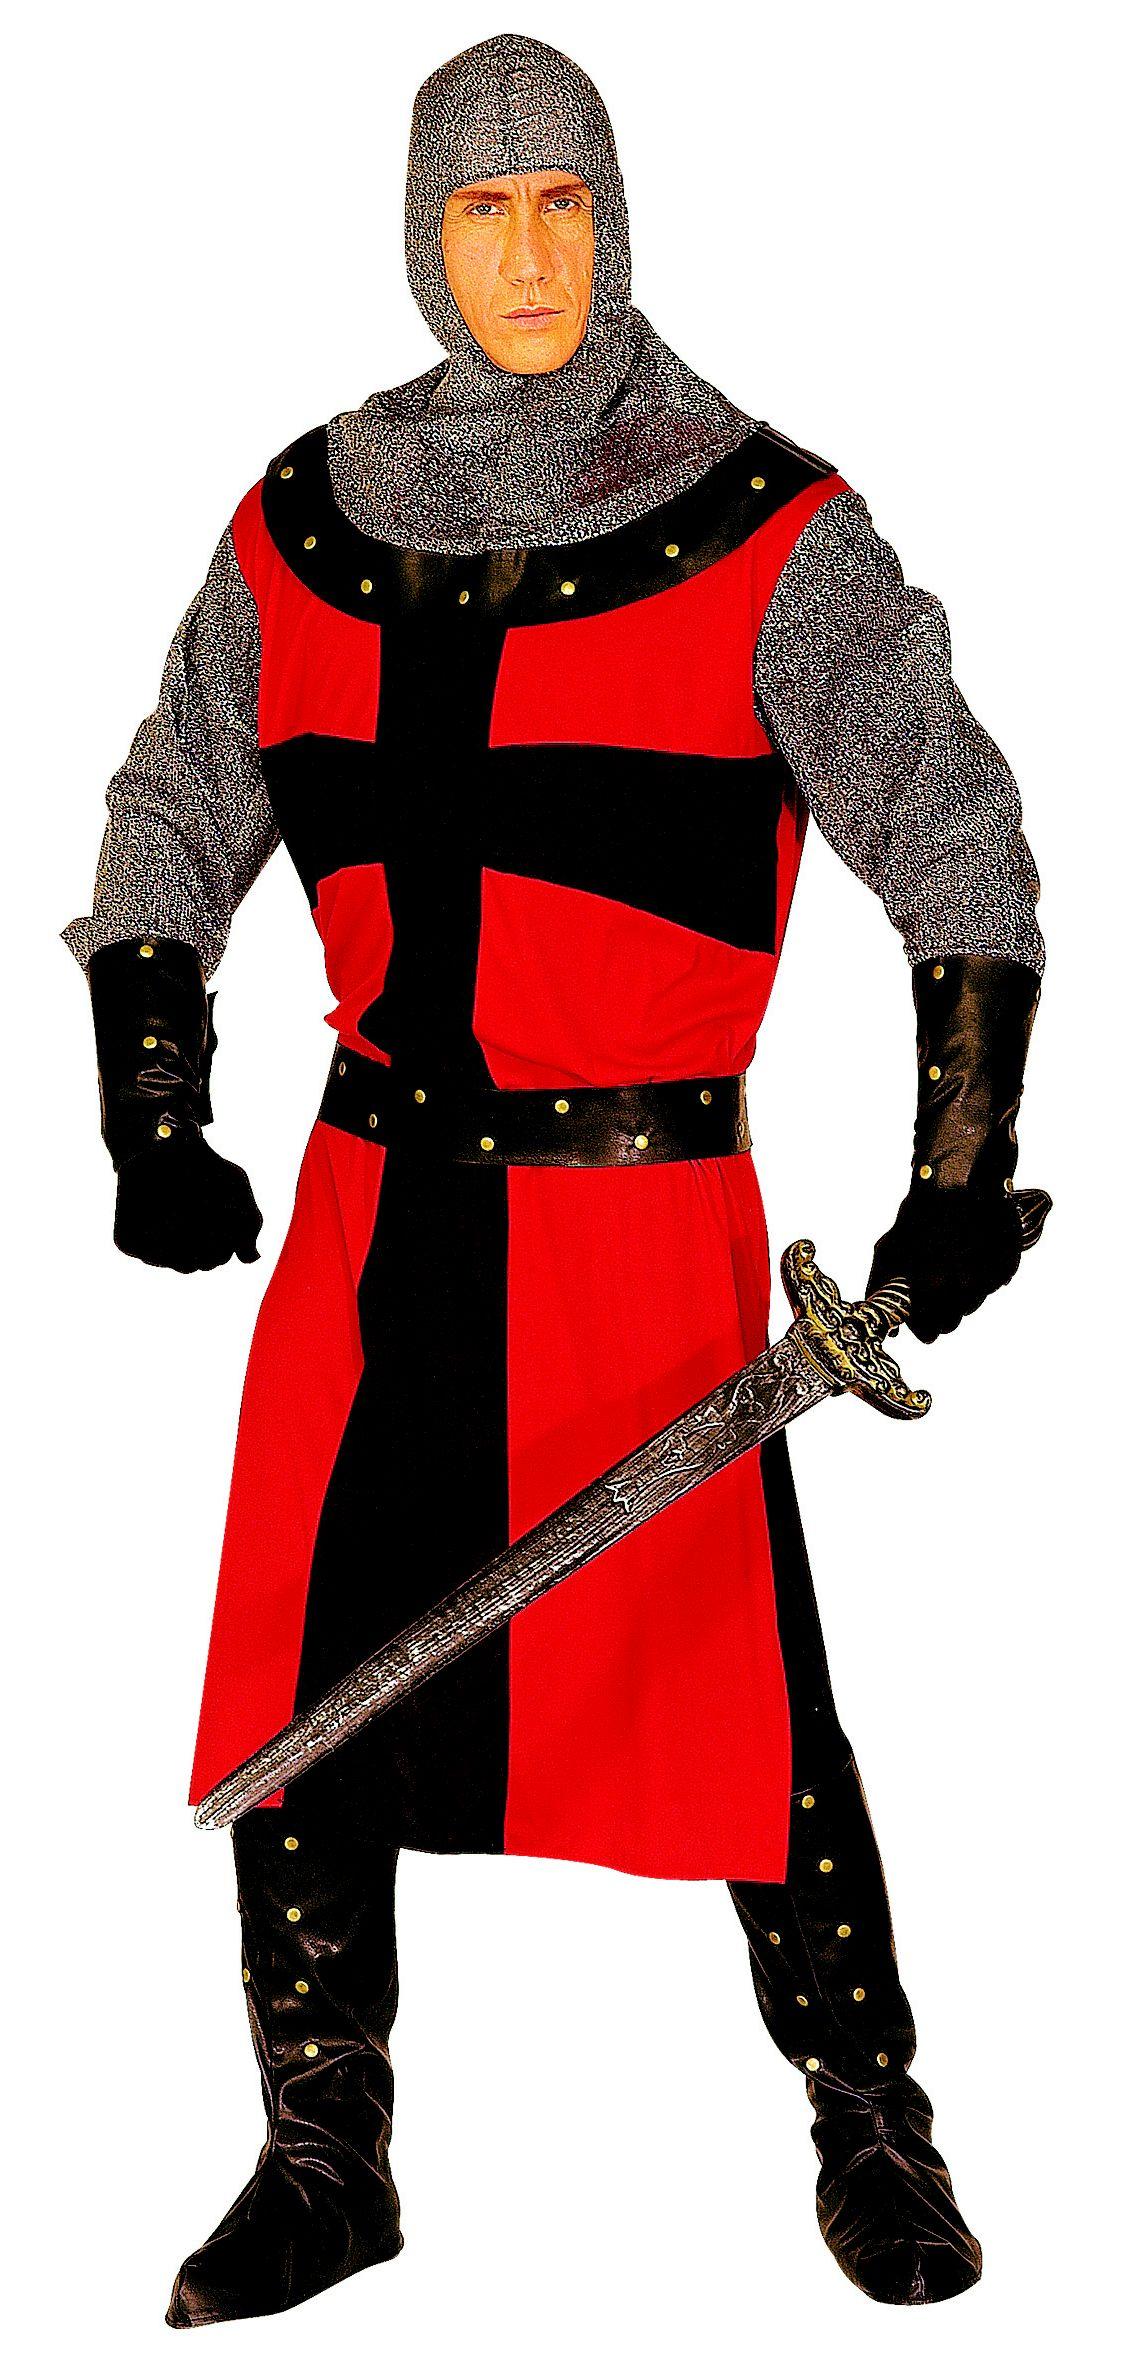 medieval knight costume for men. Black Bedroom Furniture Sets. Home Design Ideas